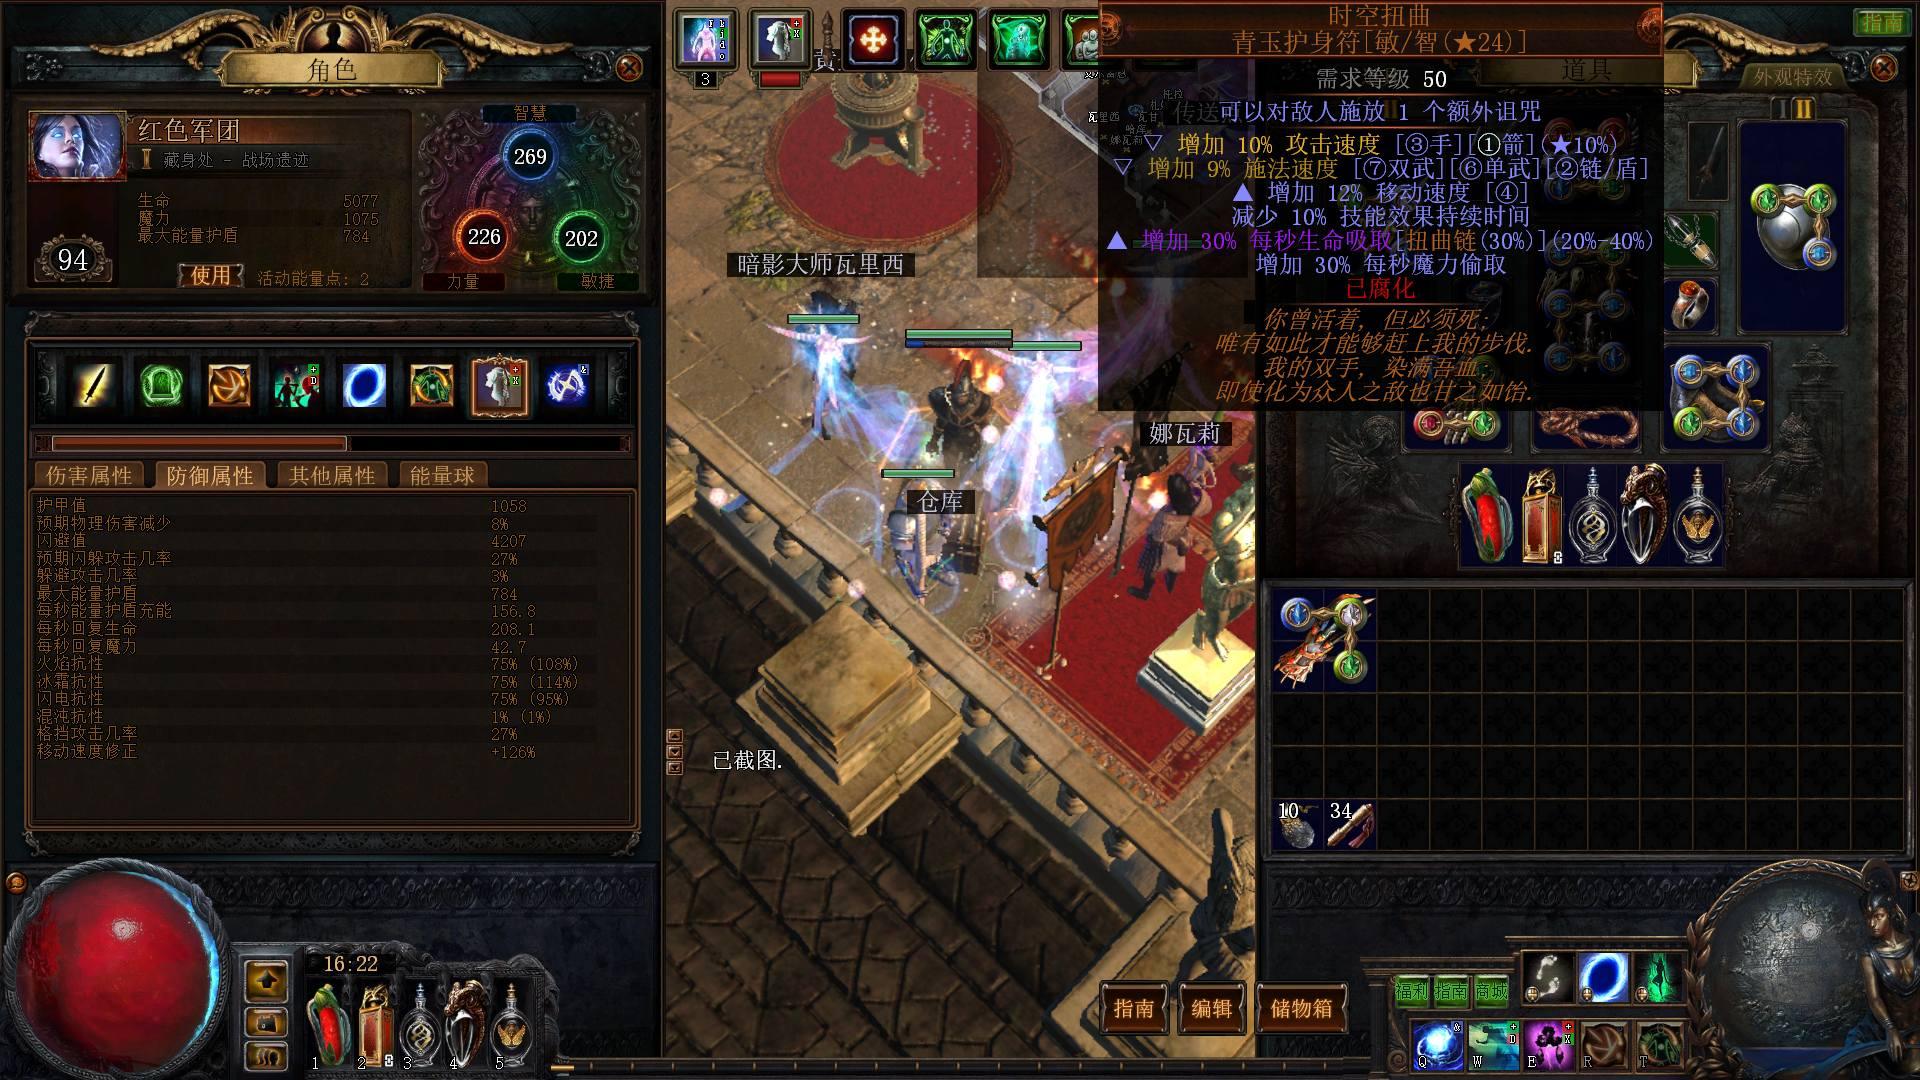 screenshot-0045.jpg